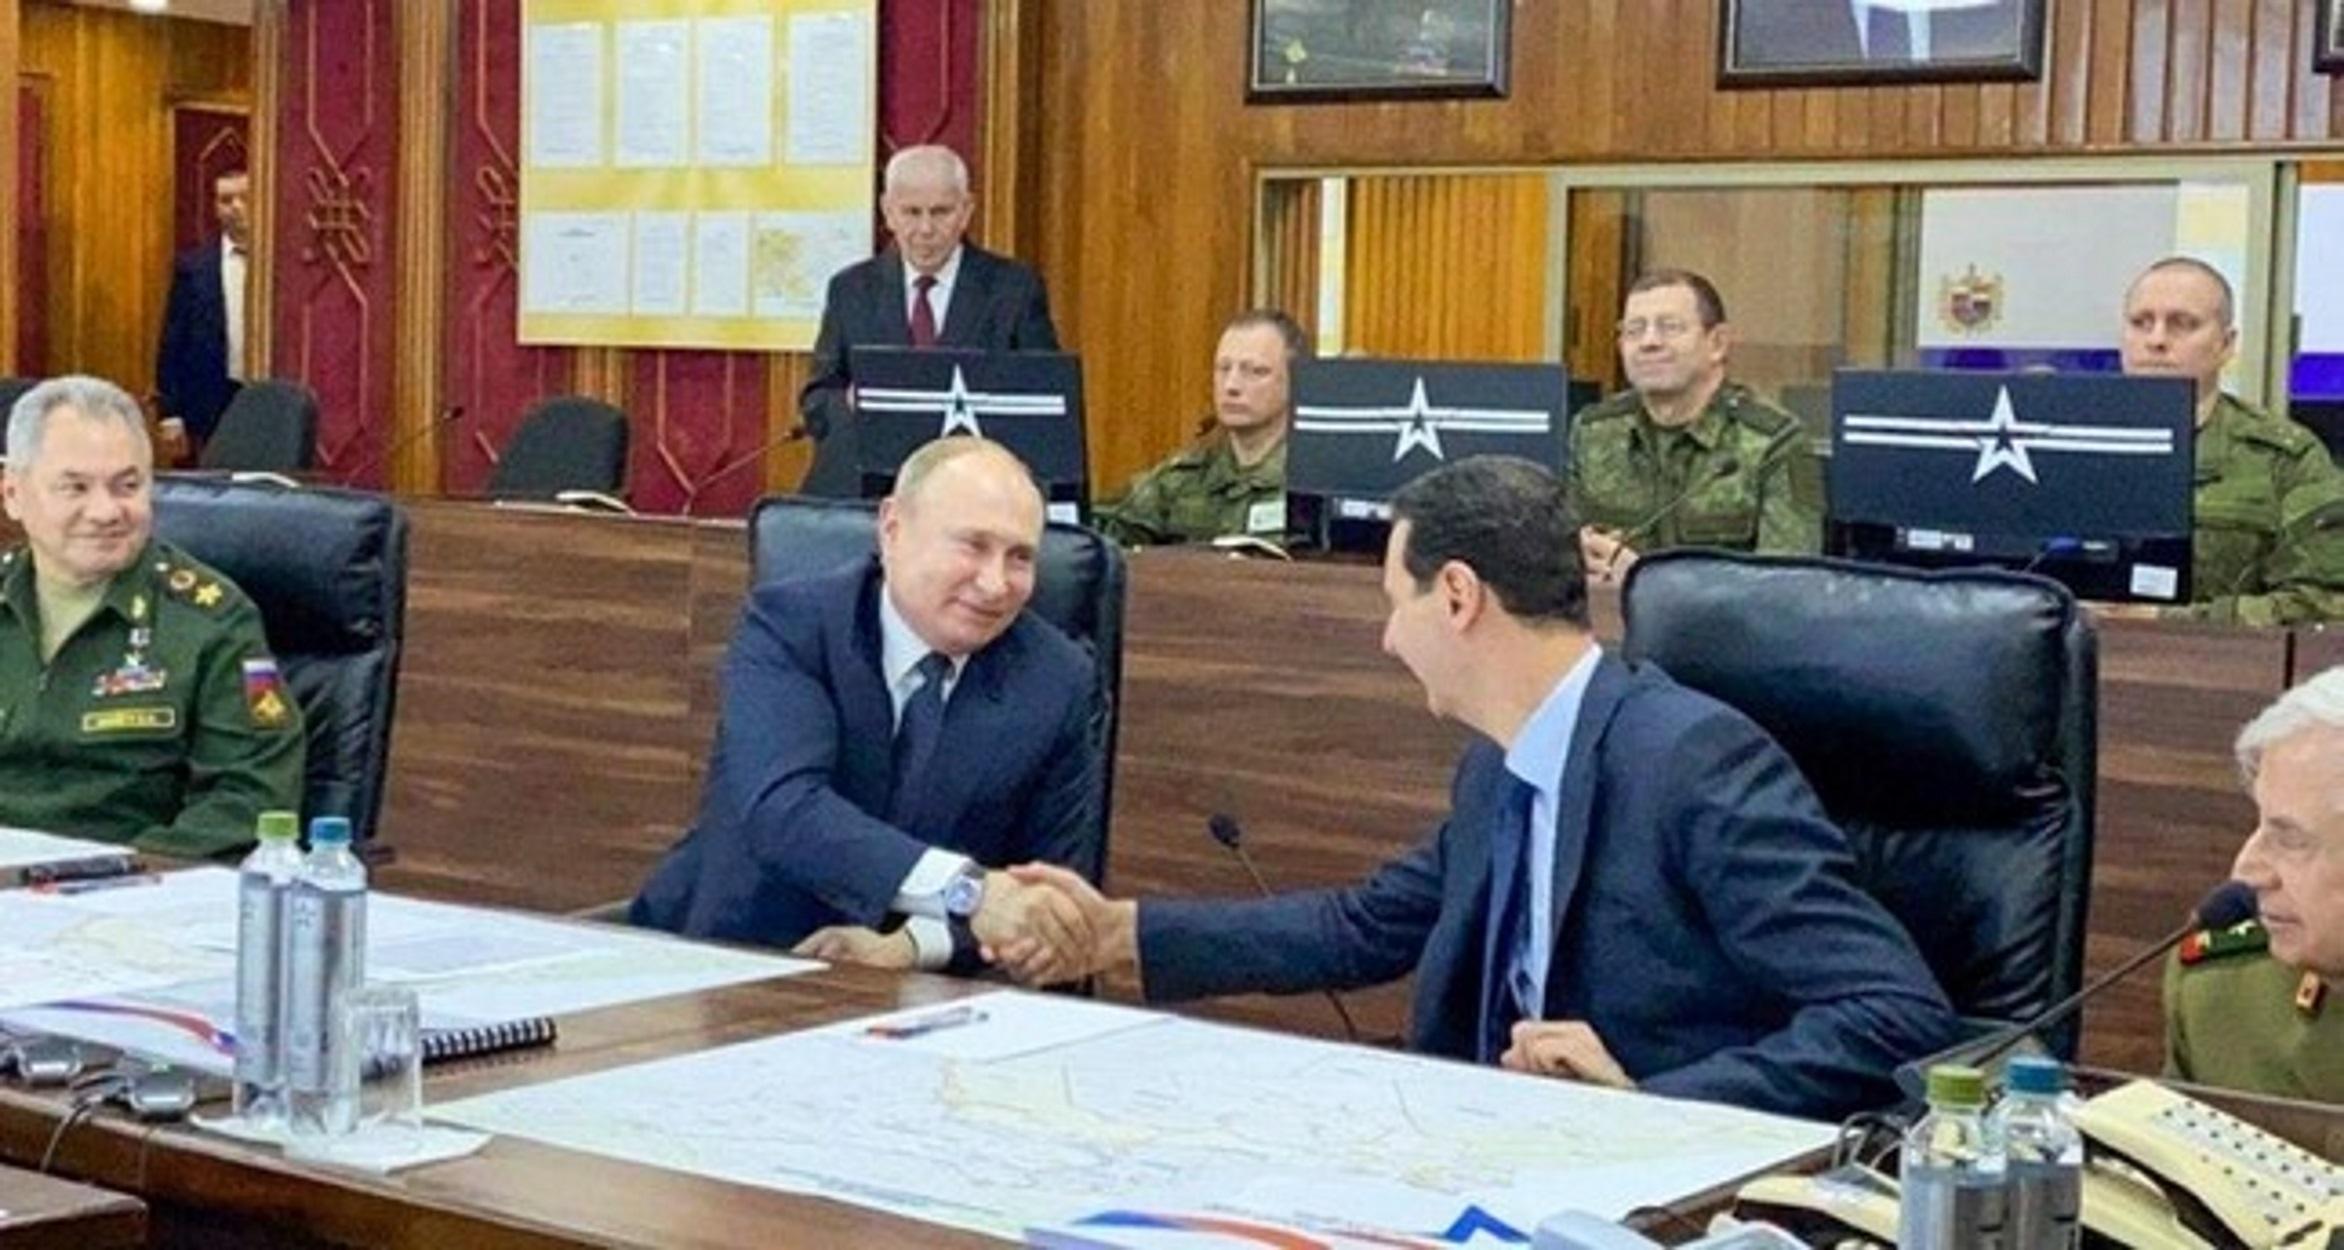 Συνάντηση Πούτιν με Άσαντ στο Κρεμλίνο – Τι συζήτησαν για την Συρία